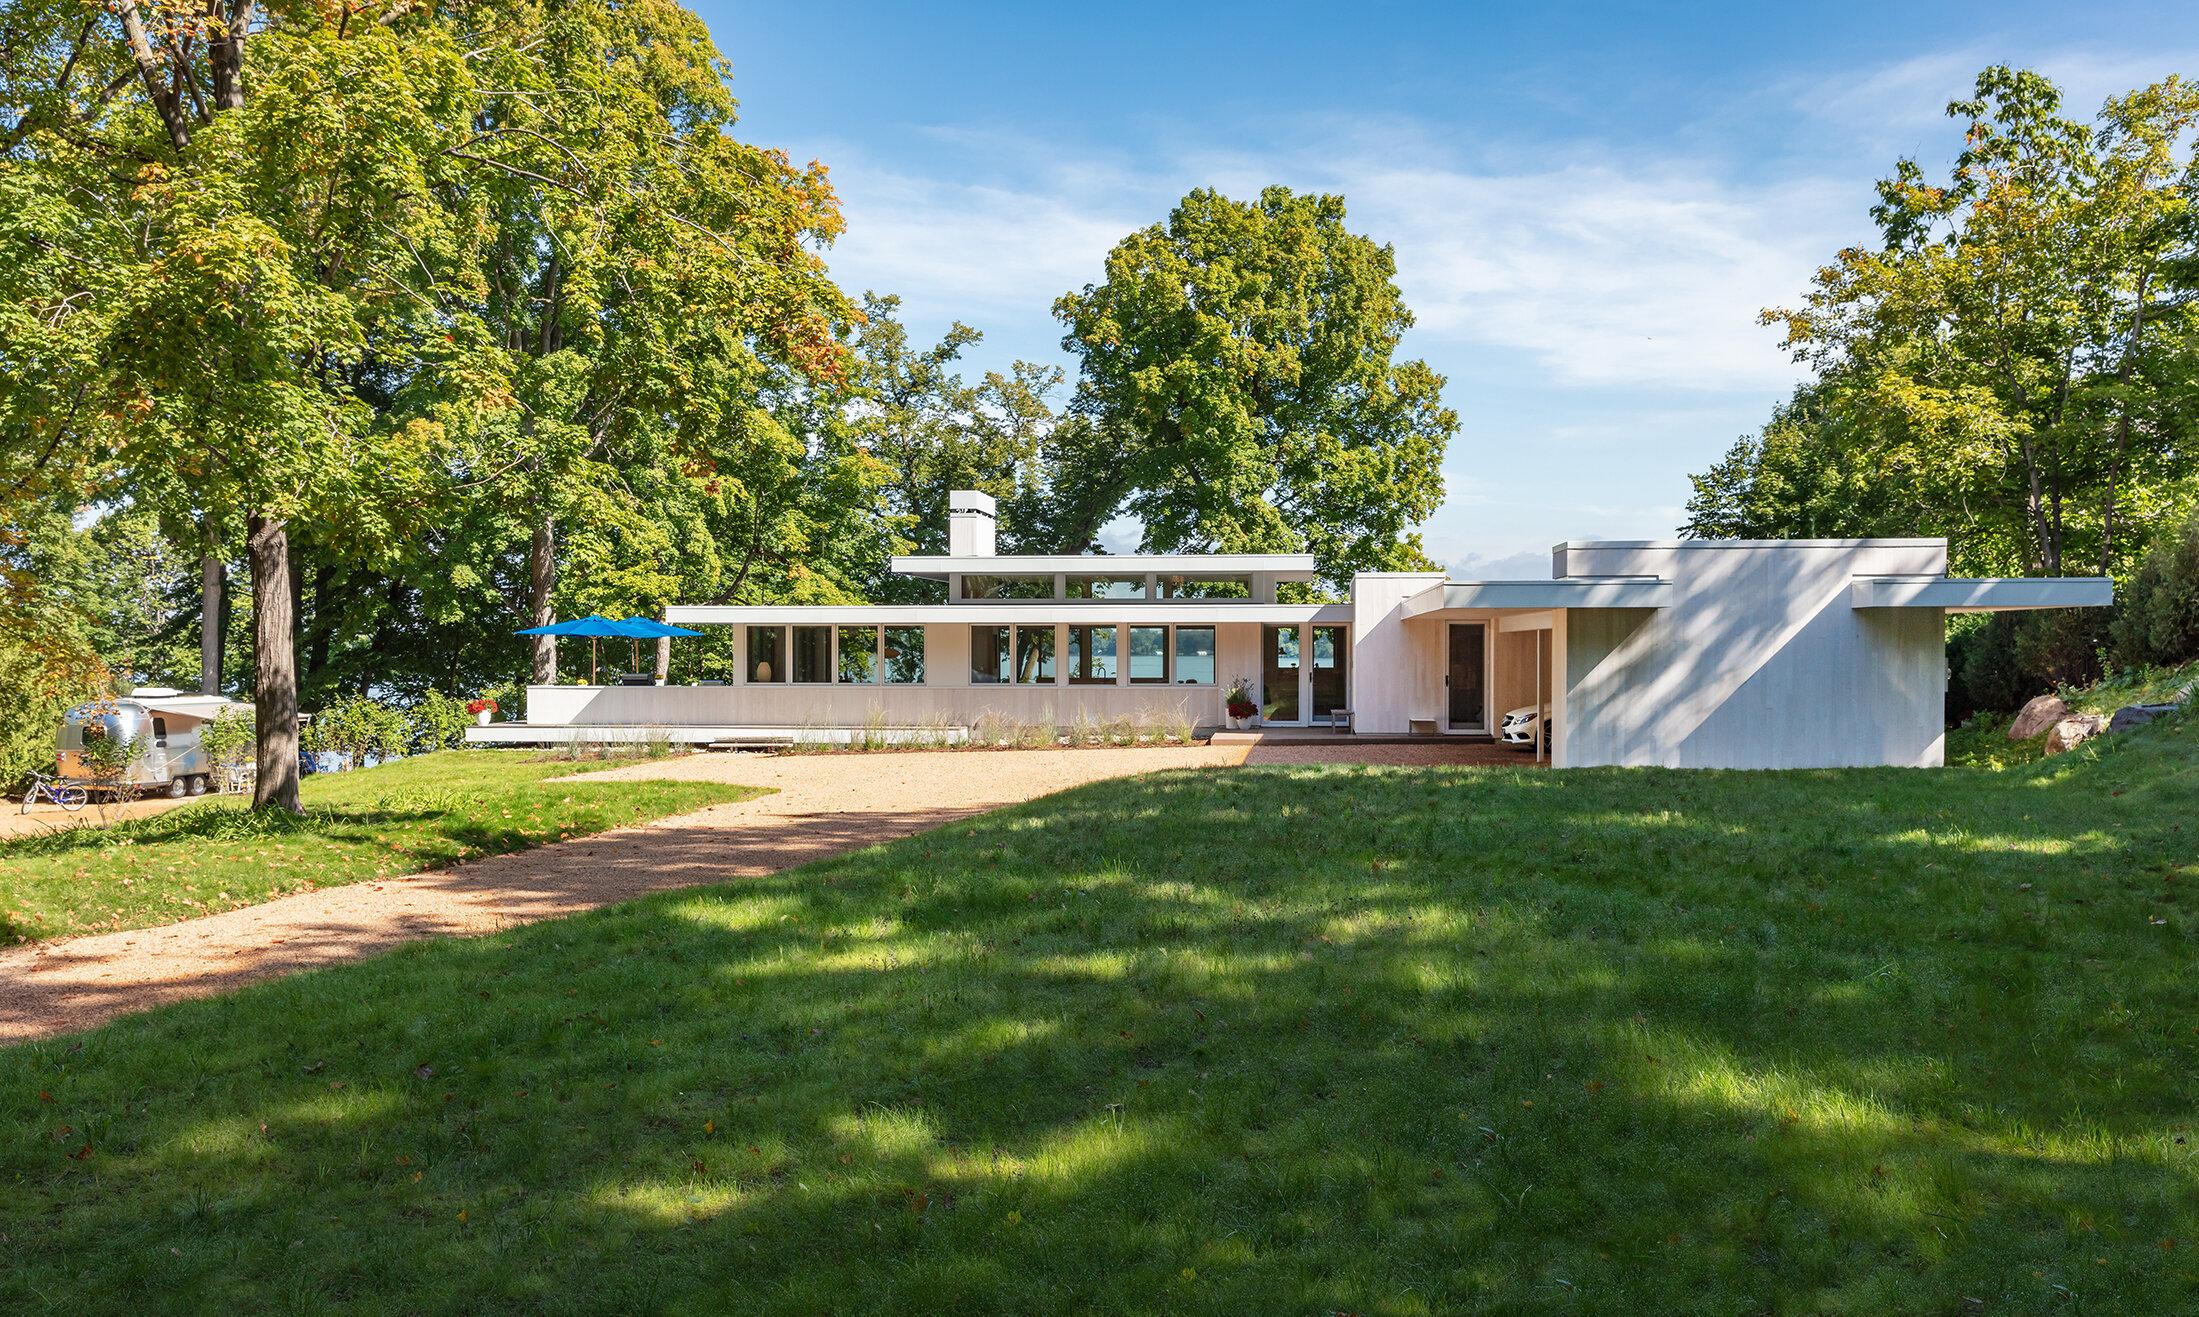 White Oaks Savanna Luxury Home Sites In Stillwater Mn